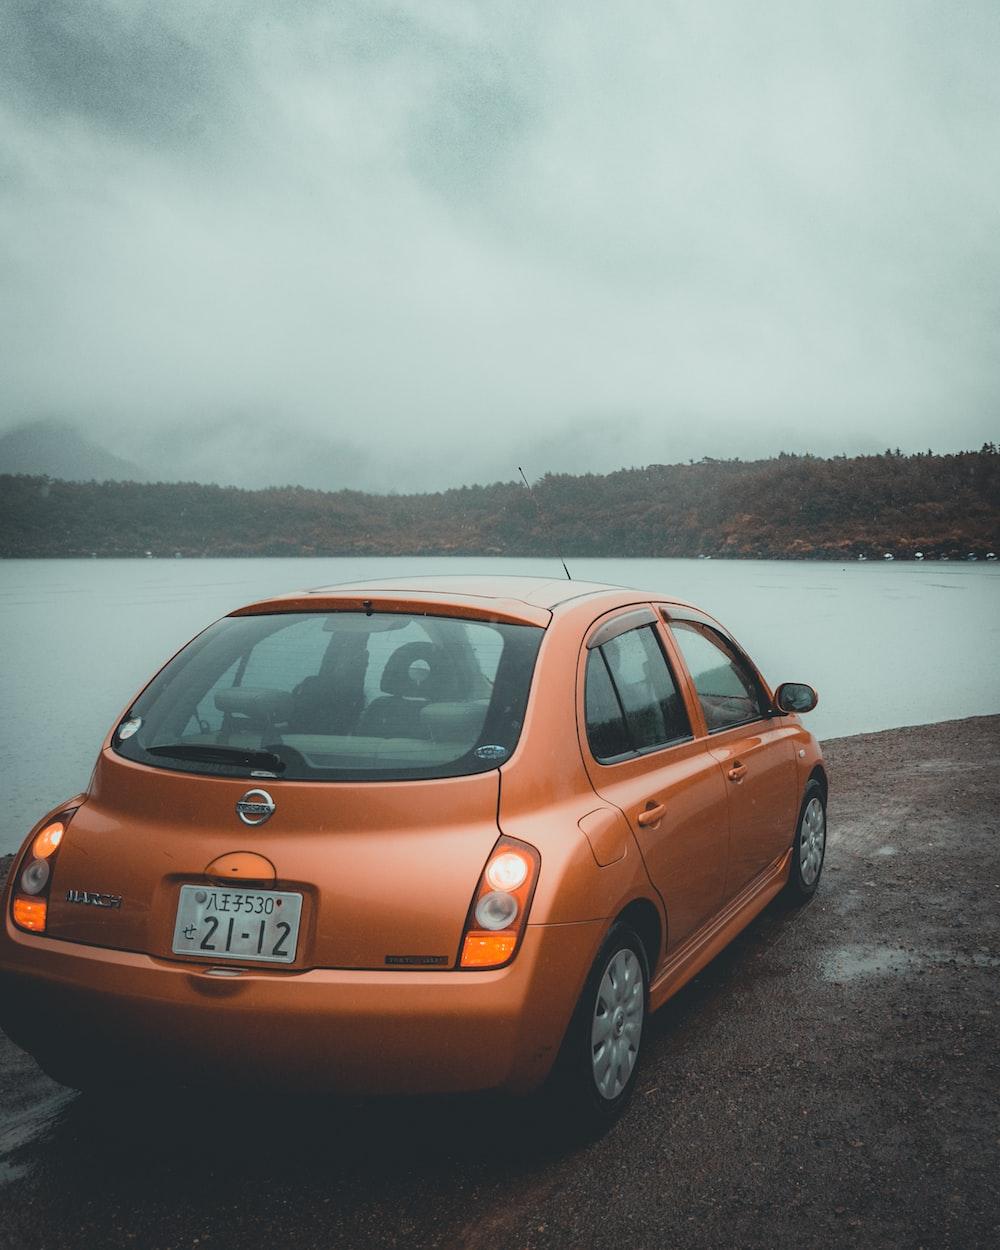 orange Nissan 5-door hatchback